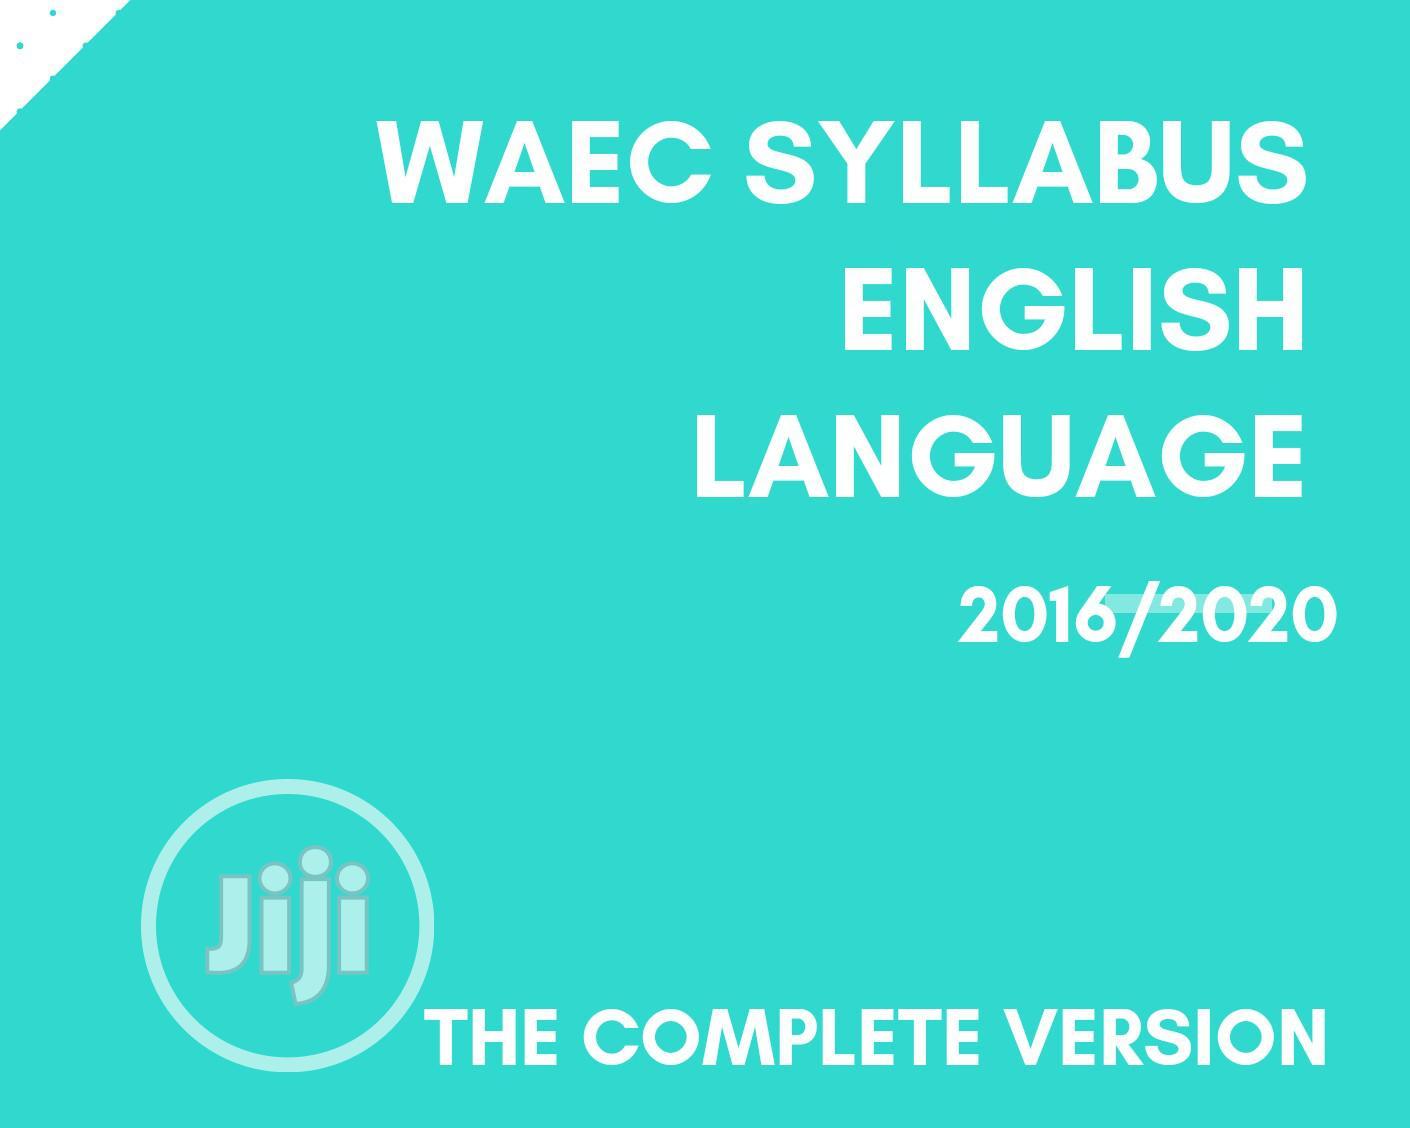 Archive: WAEC Syllabus: English Language